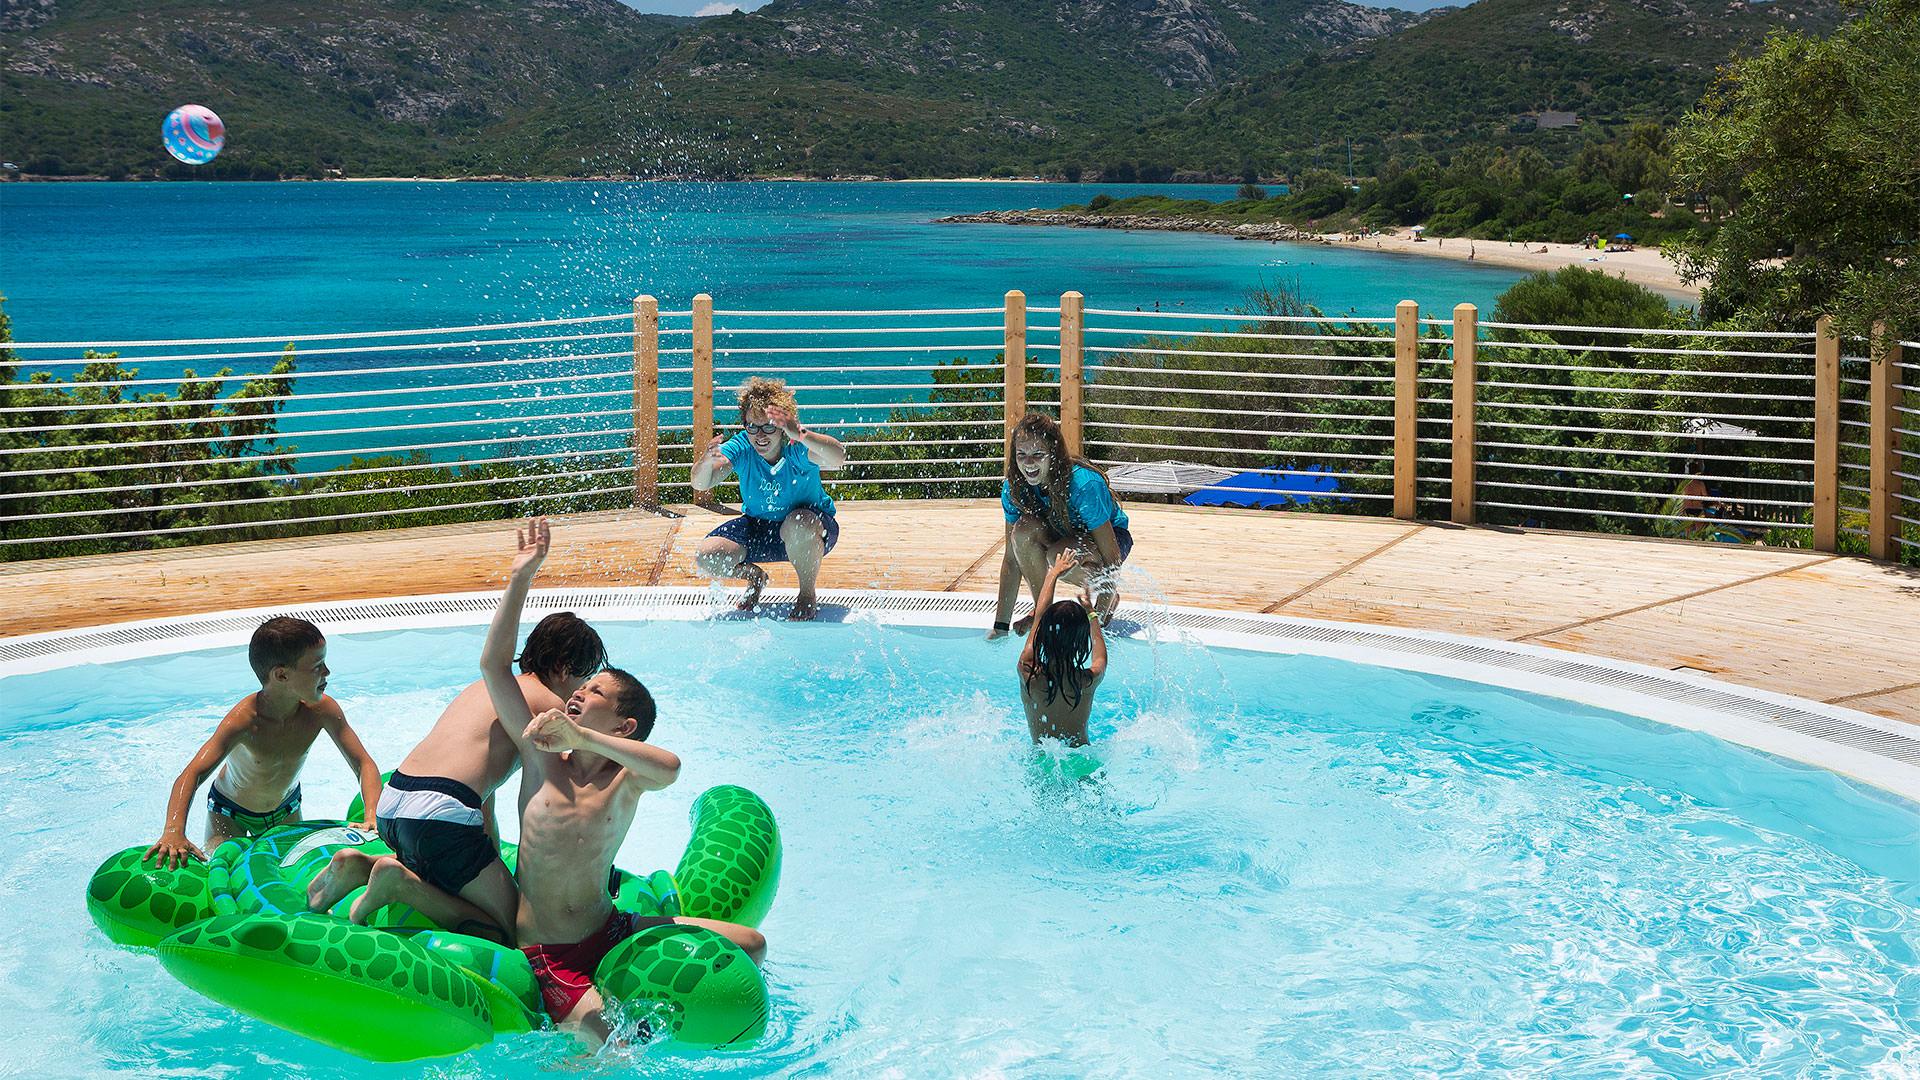 hotel-cala-lepre-slider-piscina-per-bambini-palau-mini1